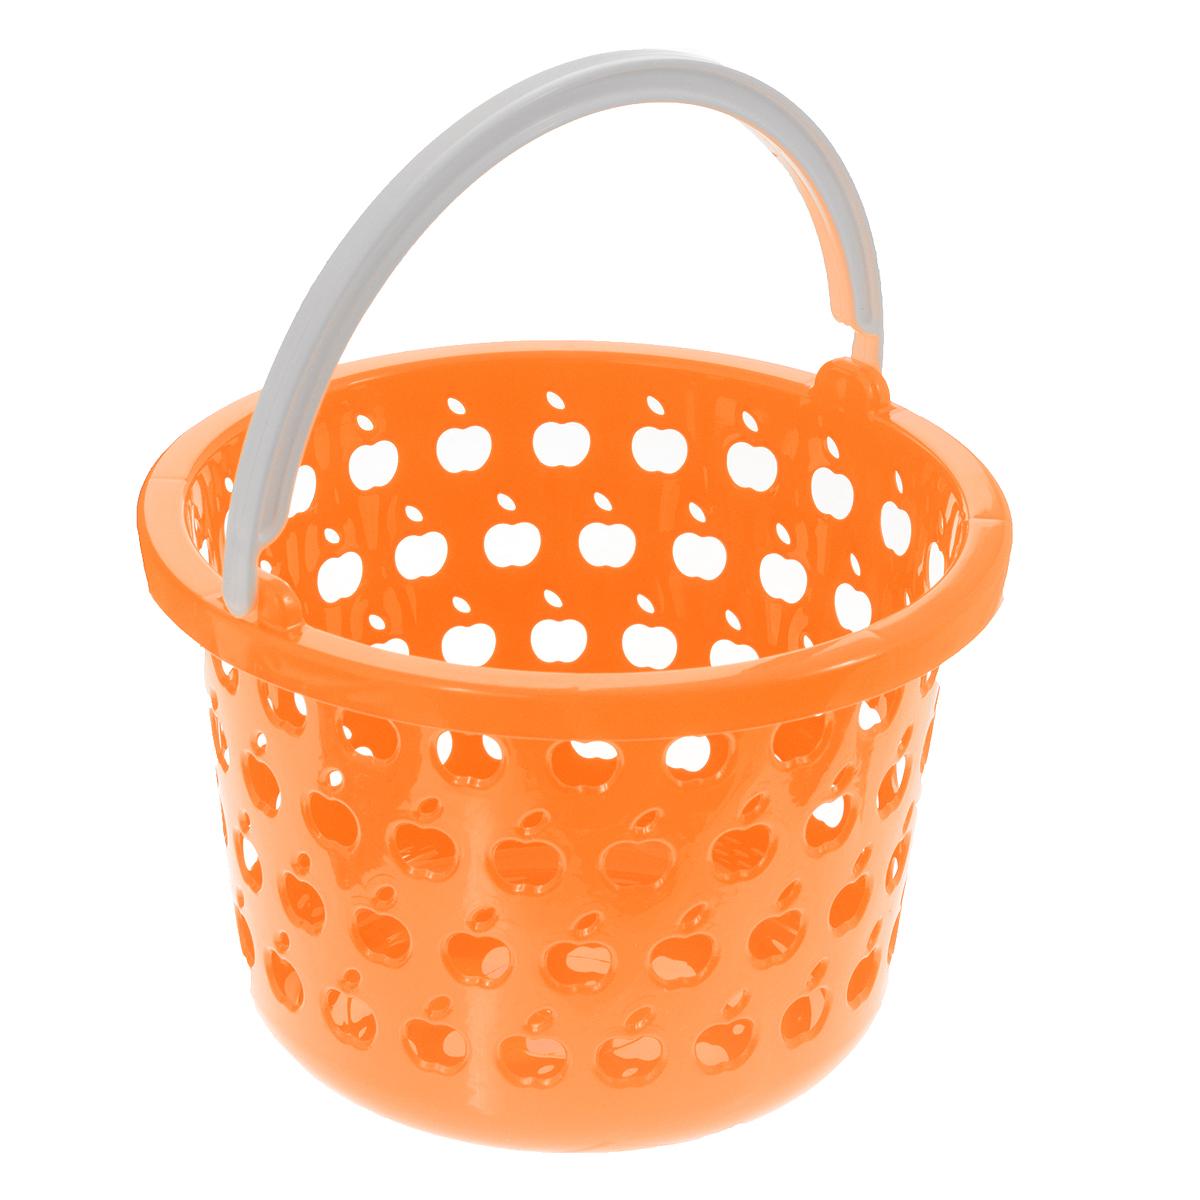 Корзина Полимербыт Стайл, цвет: оранжевый, 2,2 лС831Круглая корзина Полимербыт Стайл изготовлена из высококачественного цветного пластика и декорирована перфорацией в виде яблок. Она предназначена для хранения различных мелочей дома или на даче. Для удобства переноски имеется специальная ручка. Позволяет хранить мелкие вещи, исключая возможность их потери. Корзина очень вместительная. Элегантный выдержанный дизайн позволяет органично вписаться в ваш интерьер и стать его элементом. Диаметр: 18,5 см. Высота: 12,5 см.